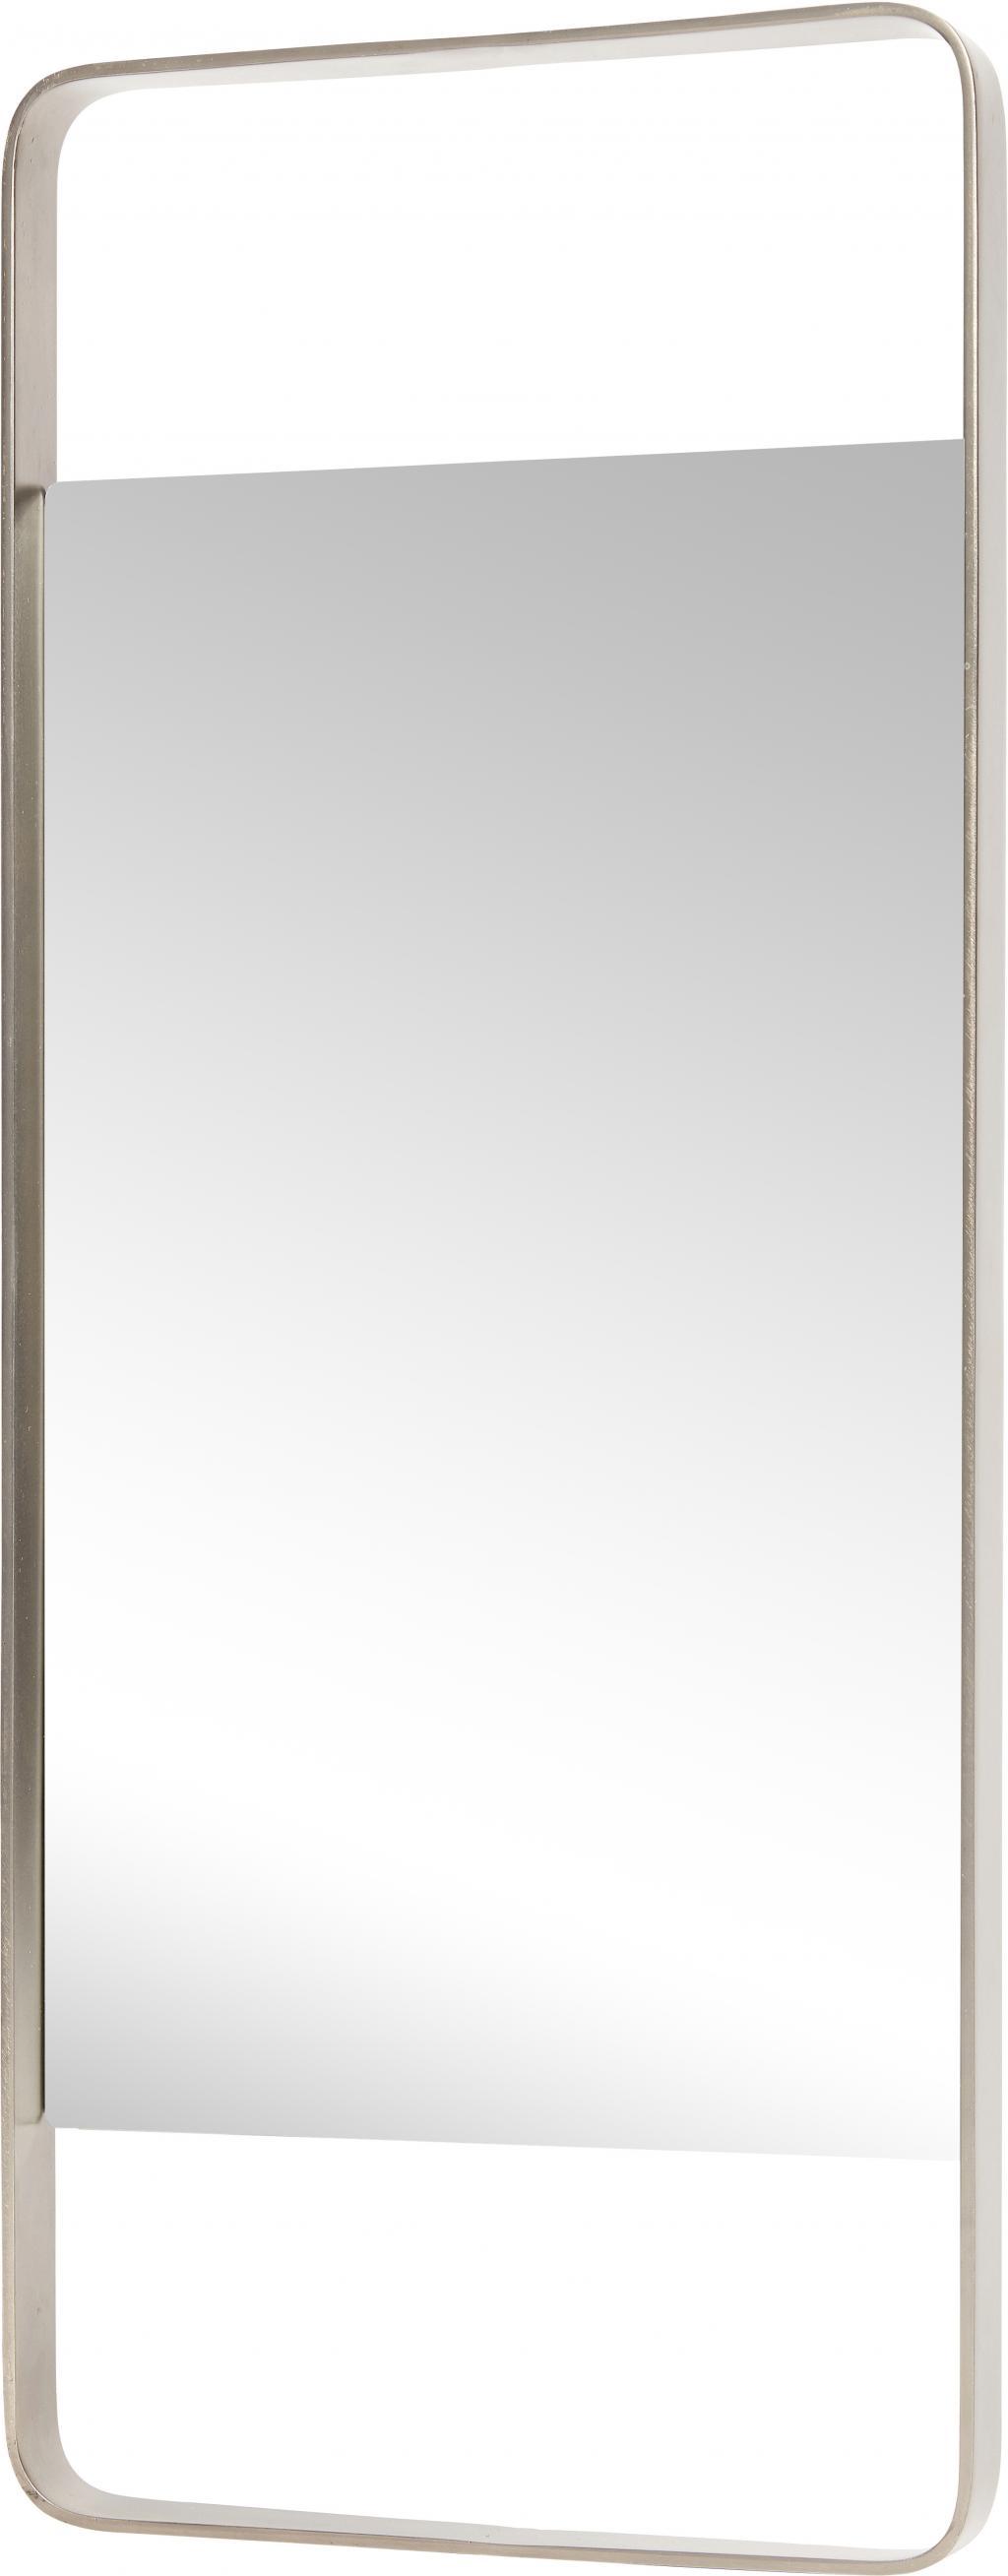 spiegel---31xh76cm---ijzer---hubsch[0].jpg